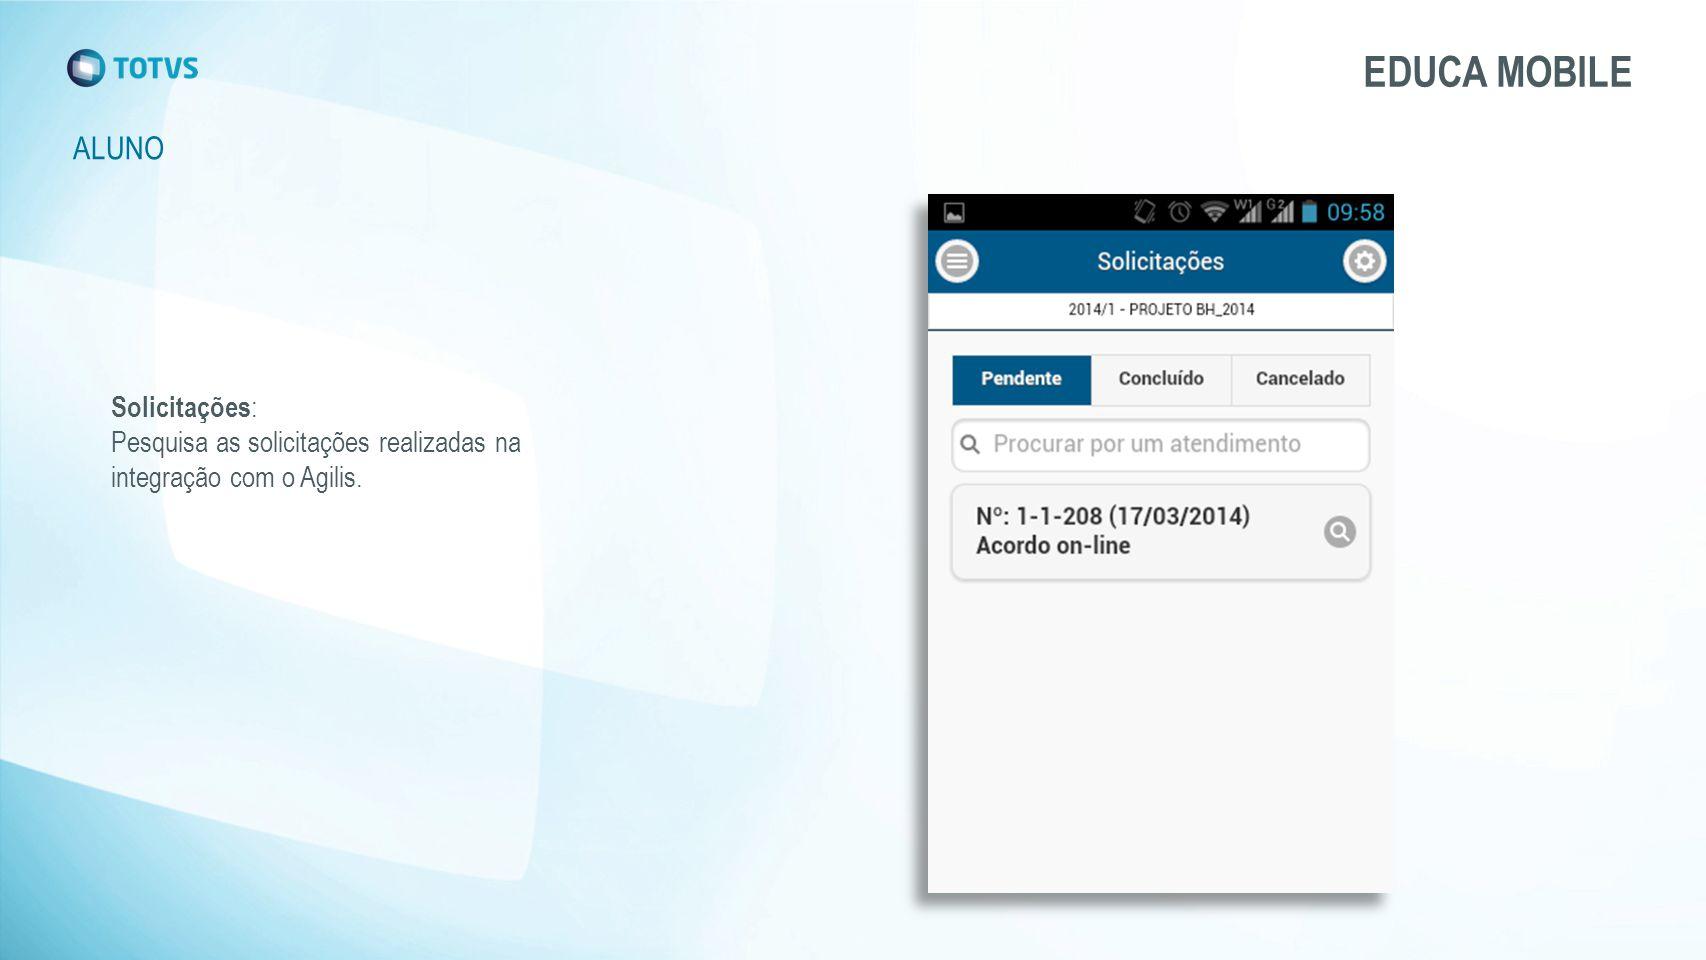 EDUCA MOBILE ALUNO Solicitações: Pesquisa as solicitações realizadas na integração com o Agilis.